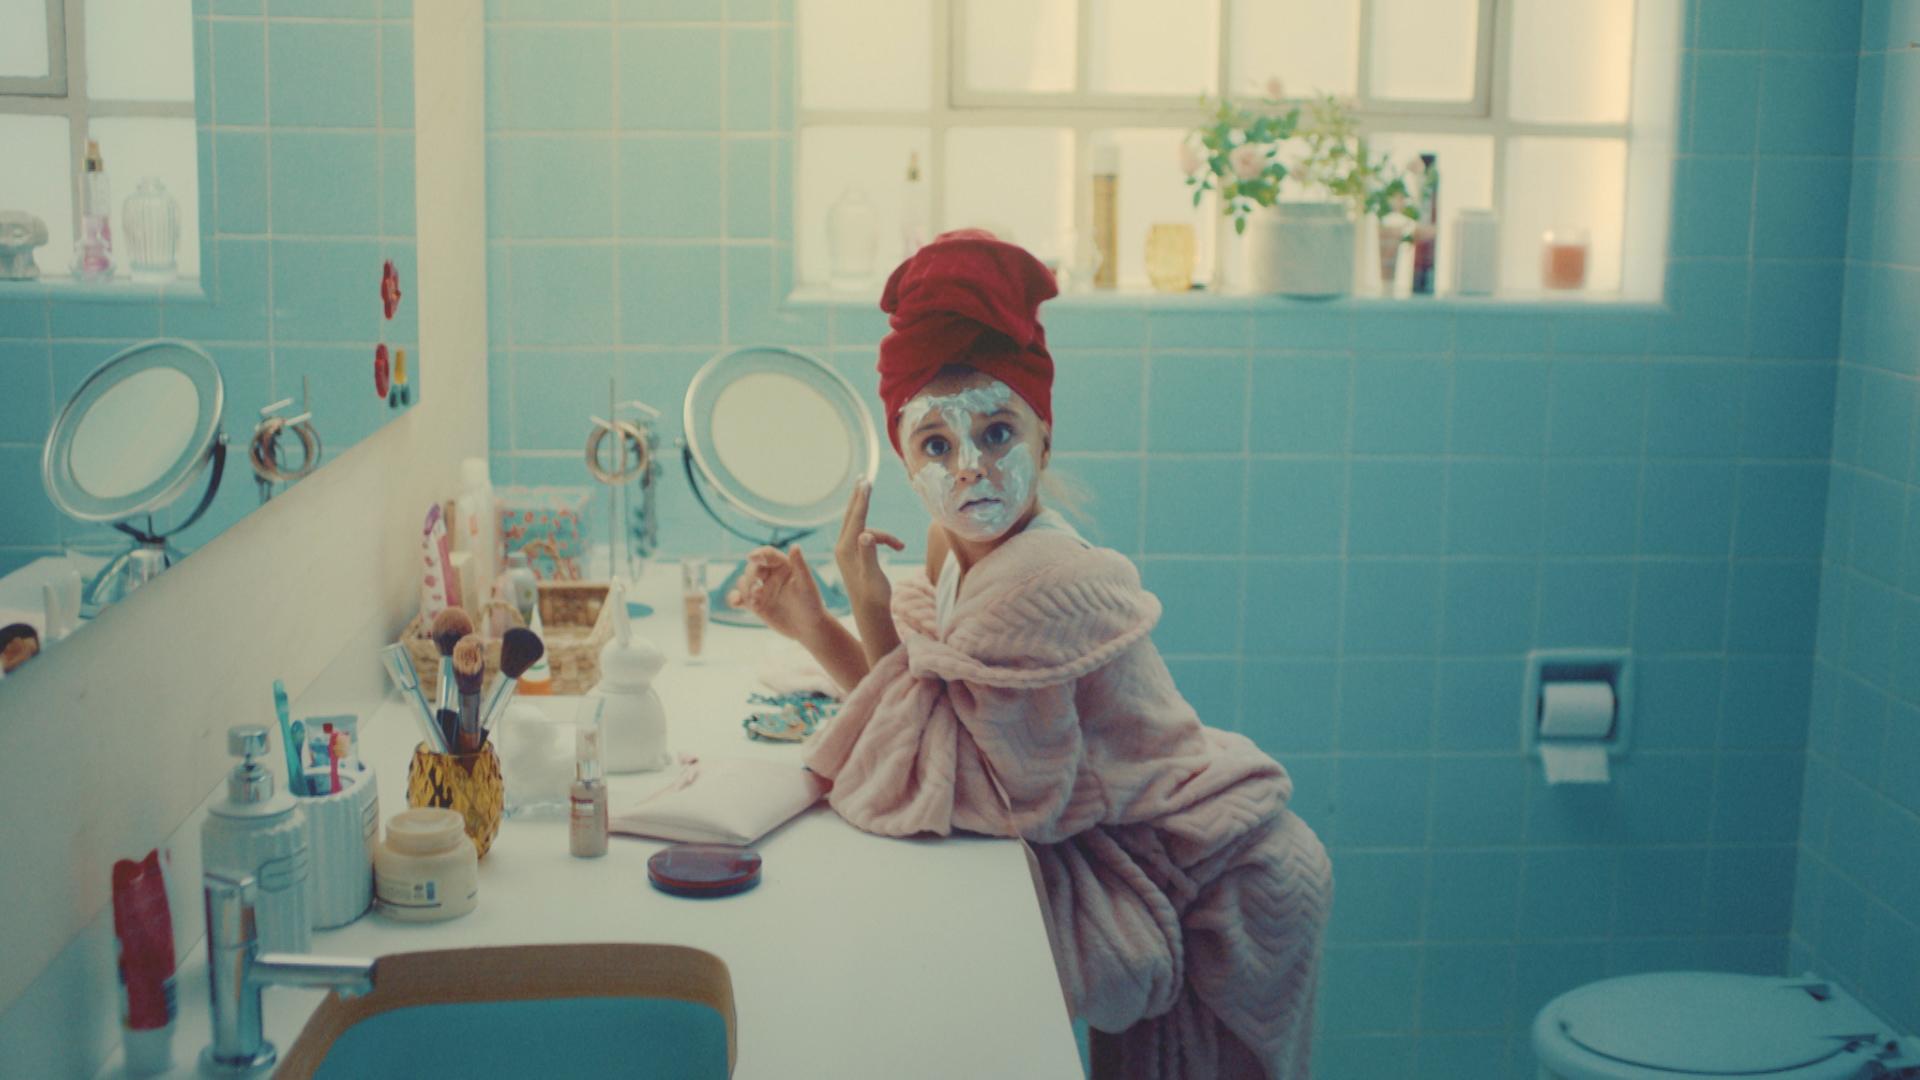 Uma menina faz cara de surpresa quando é pega vestindo roupão de banho e toalha na cabeça enquanto passa uma máscara de beleza no rosto